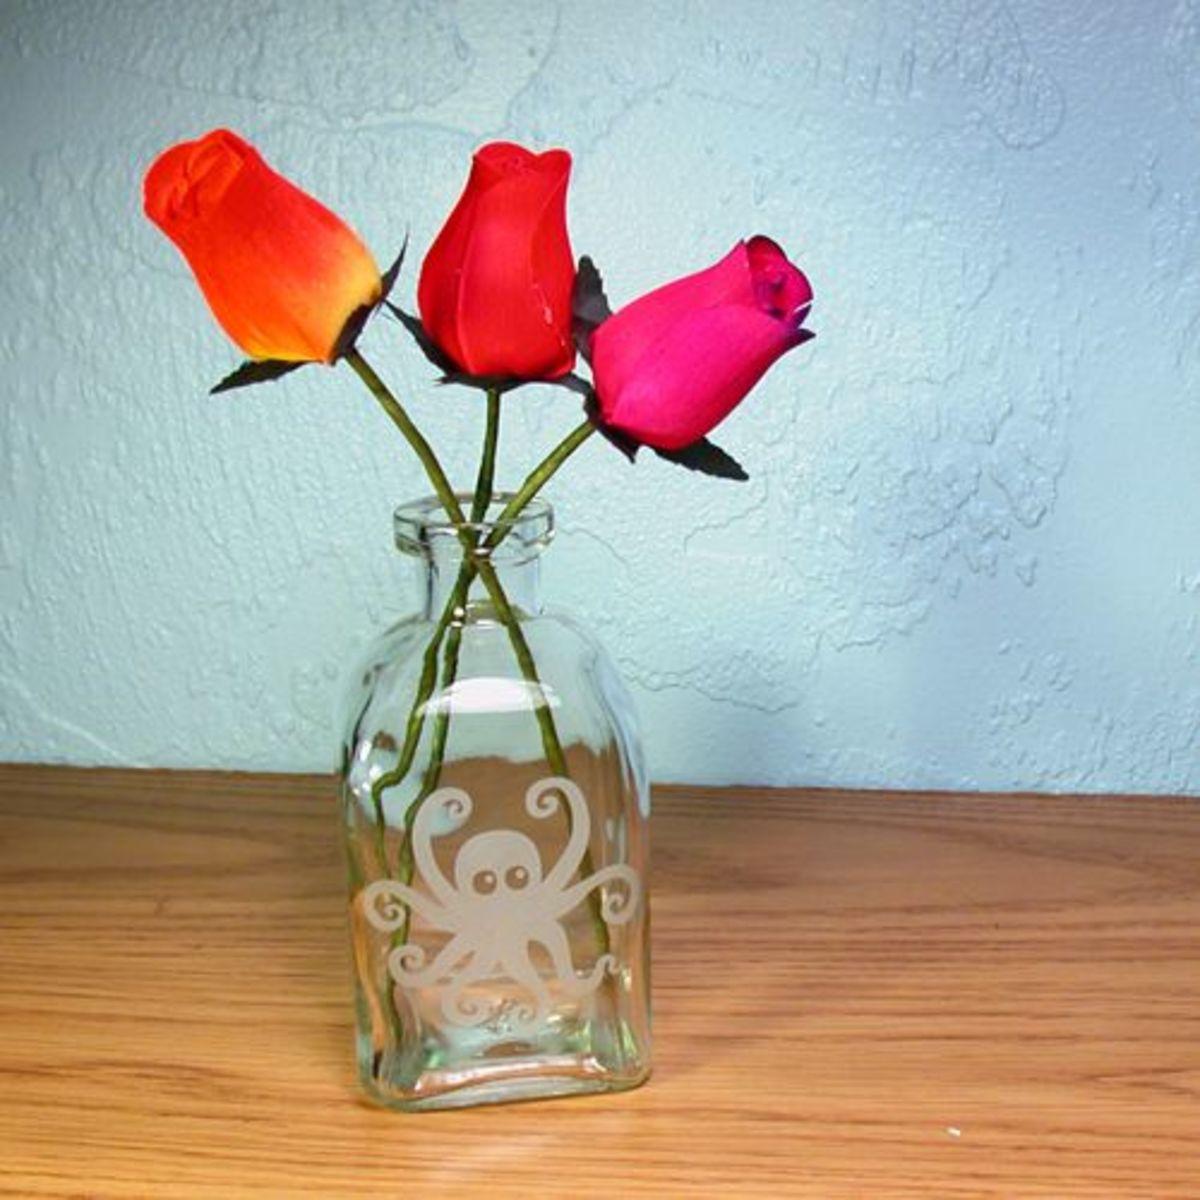 diy-vases-craft-tutorials-make-homemade